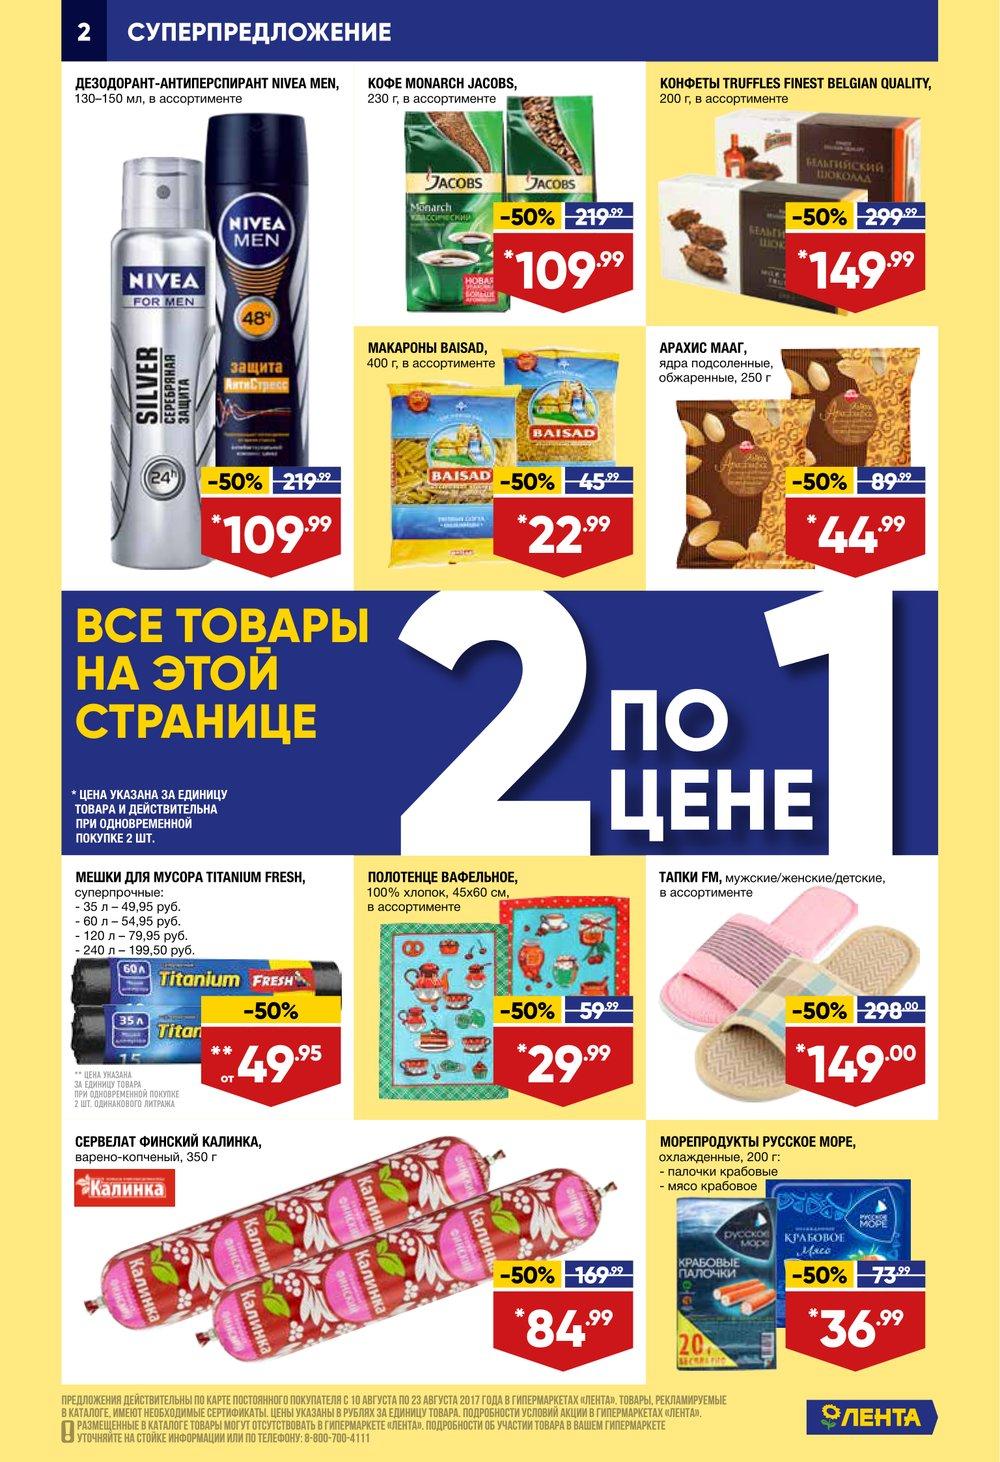 Каталог акций Лента с 10 по 23 августа 2017 - стр. 2